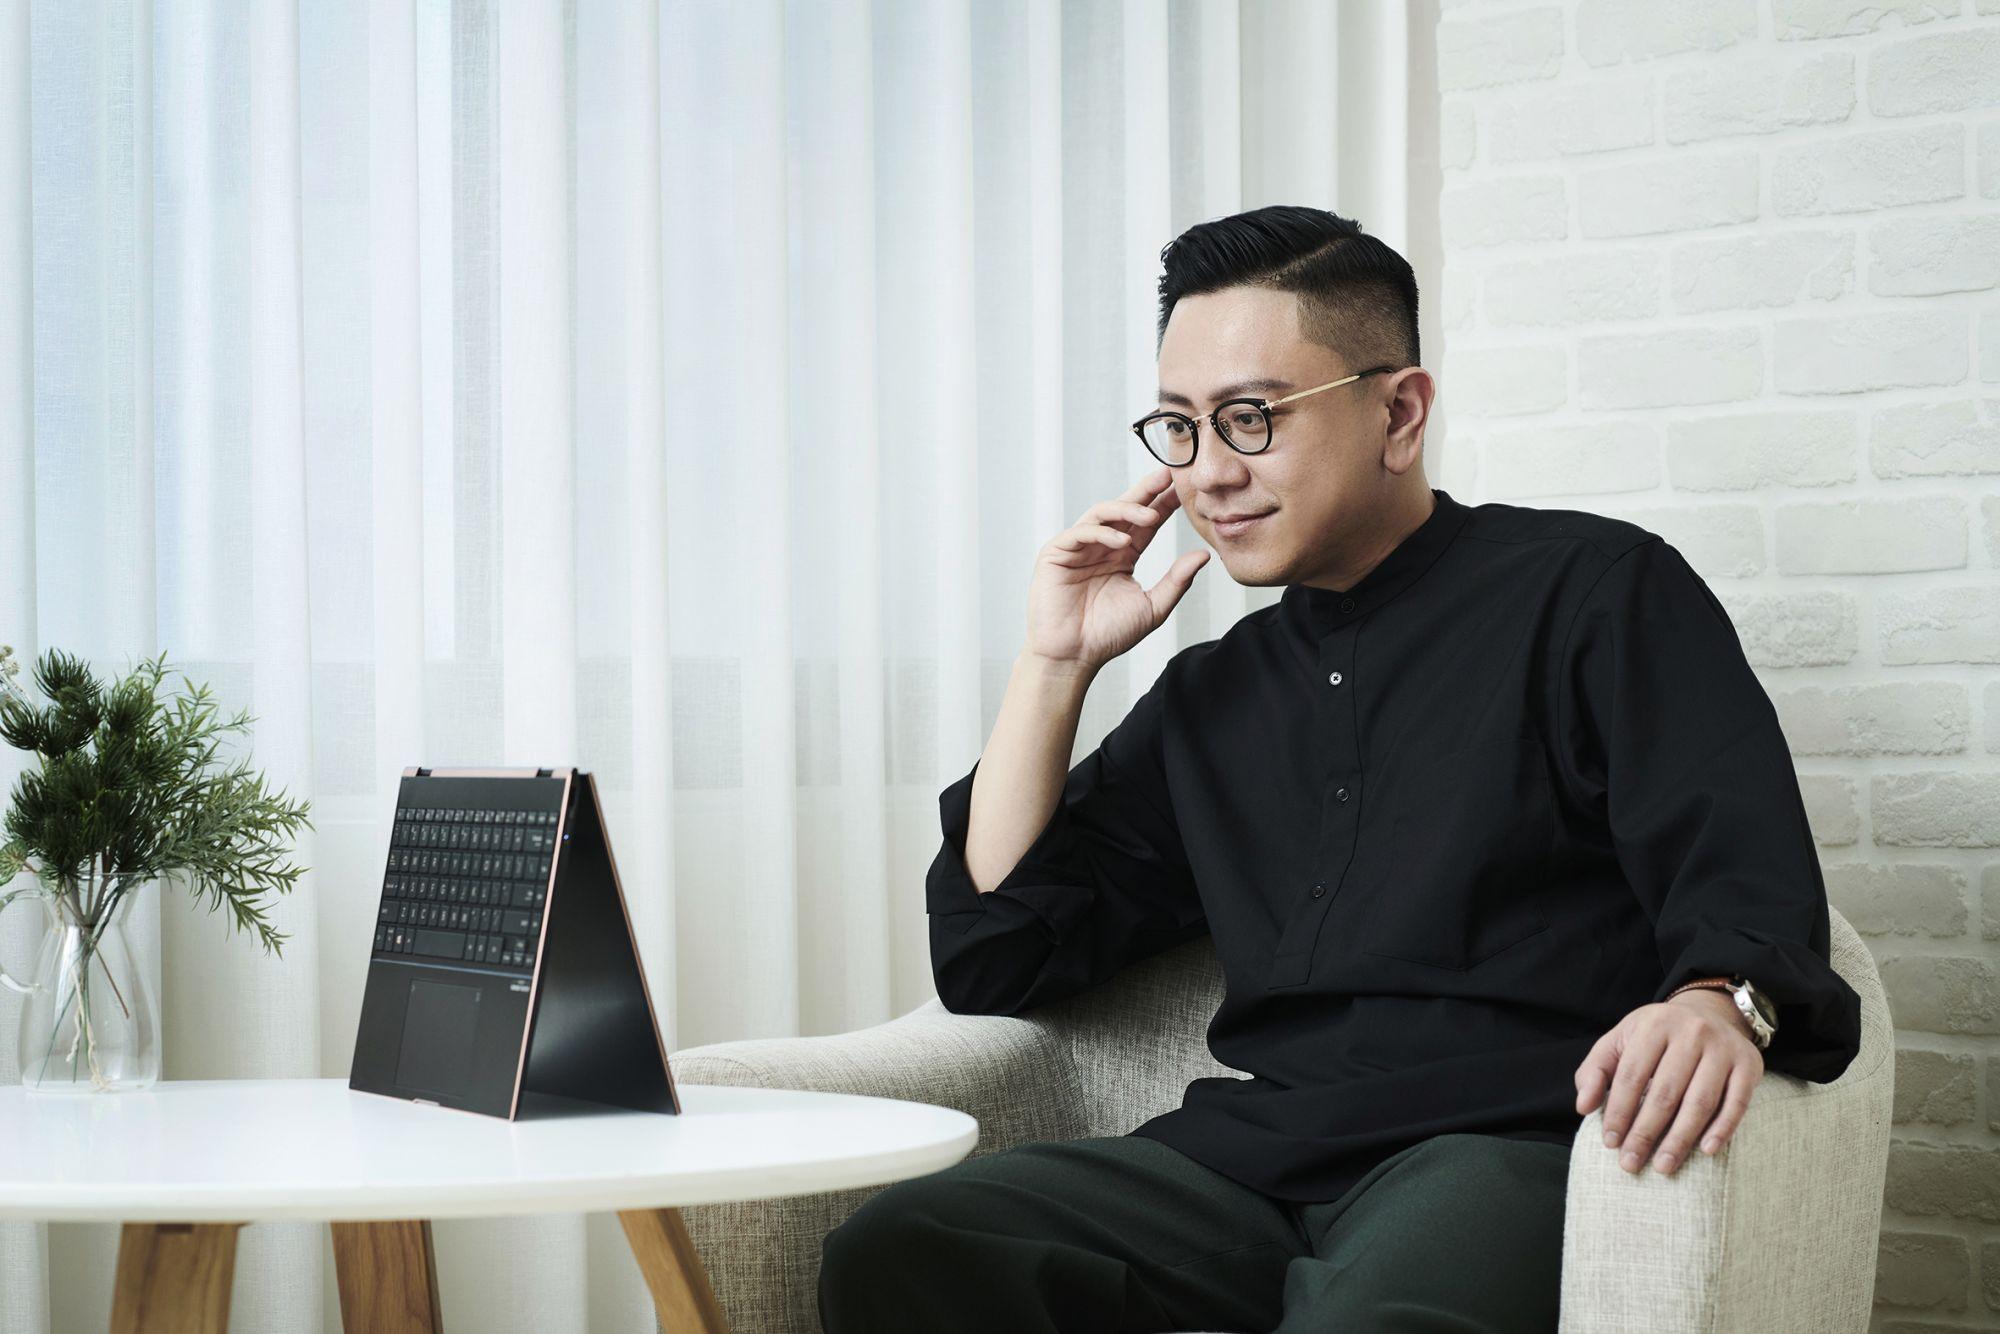 永心鳳茶執行長薛舜迪:ASUS ZenBook Flip S 助我體現能屈能伸的工作哲學,打造台灣飲食文化新風貌!